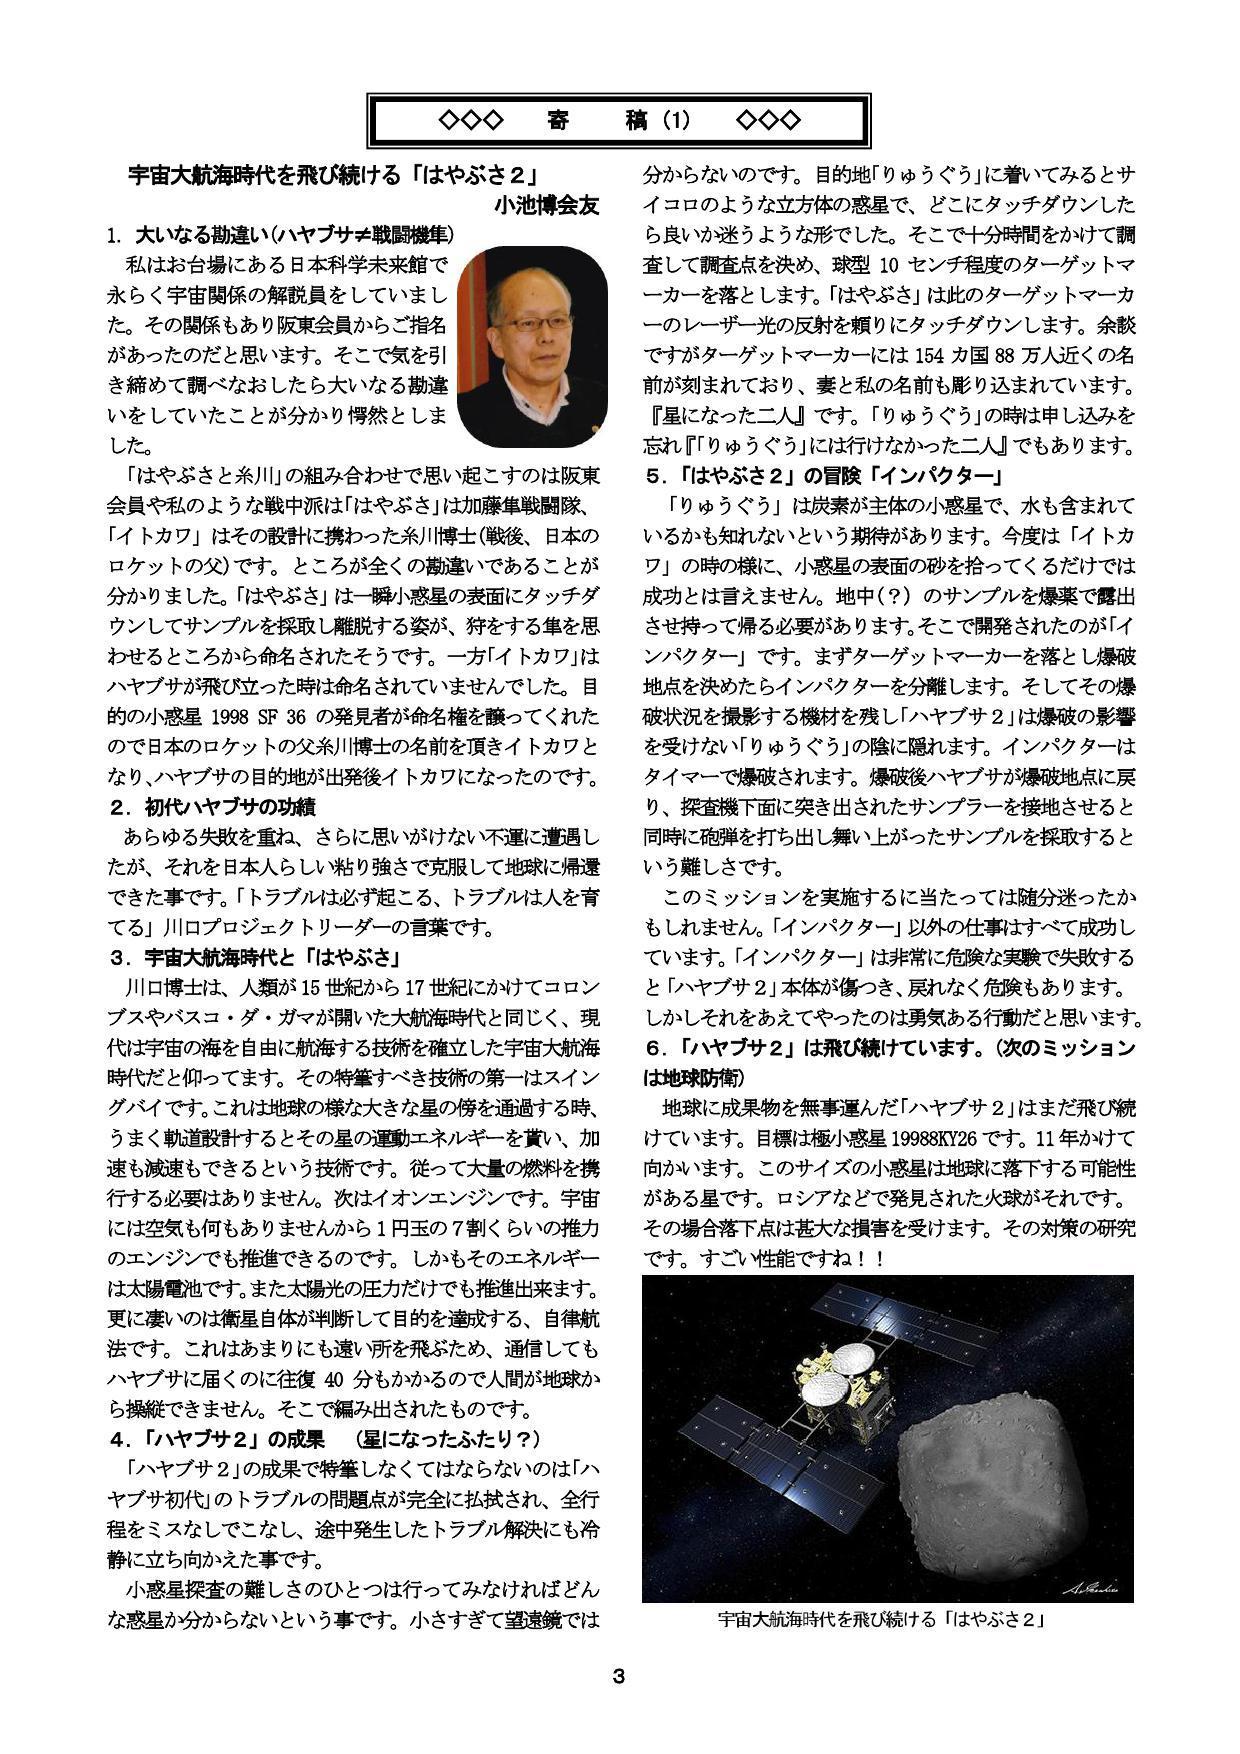 東京多摩プロバスニュース 第94号 2021年5月12日_b0000714_14212798.jpg